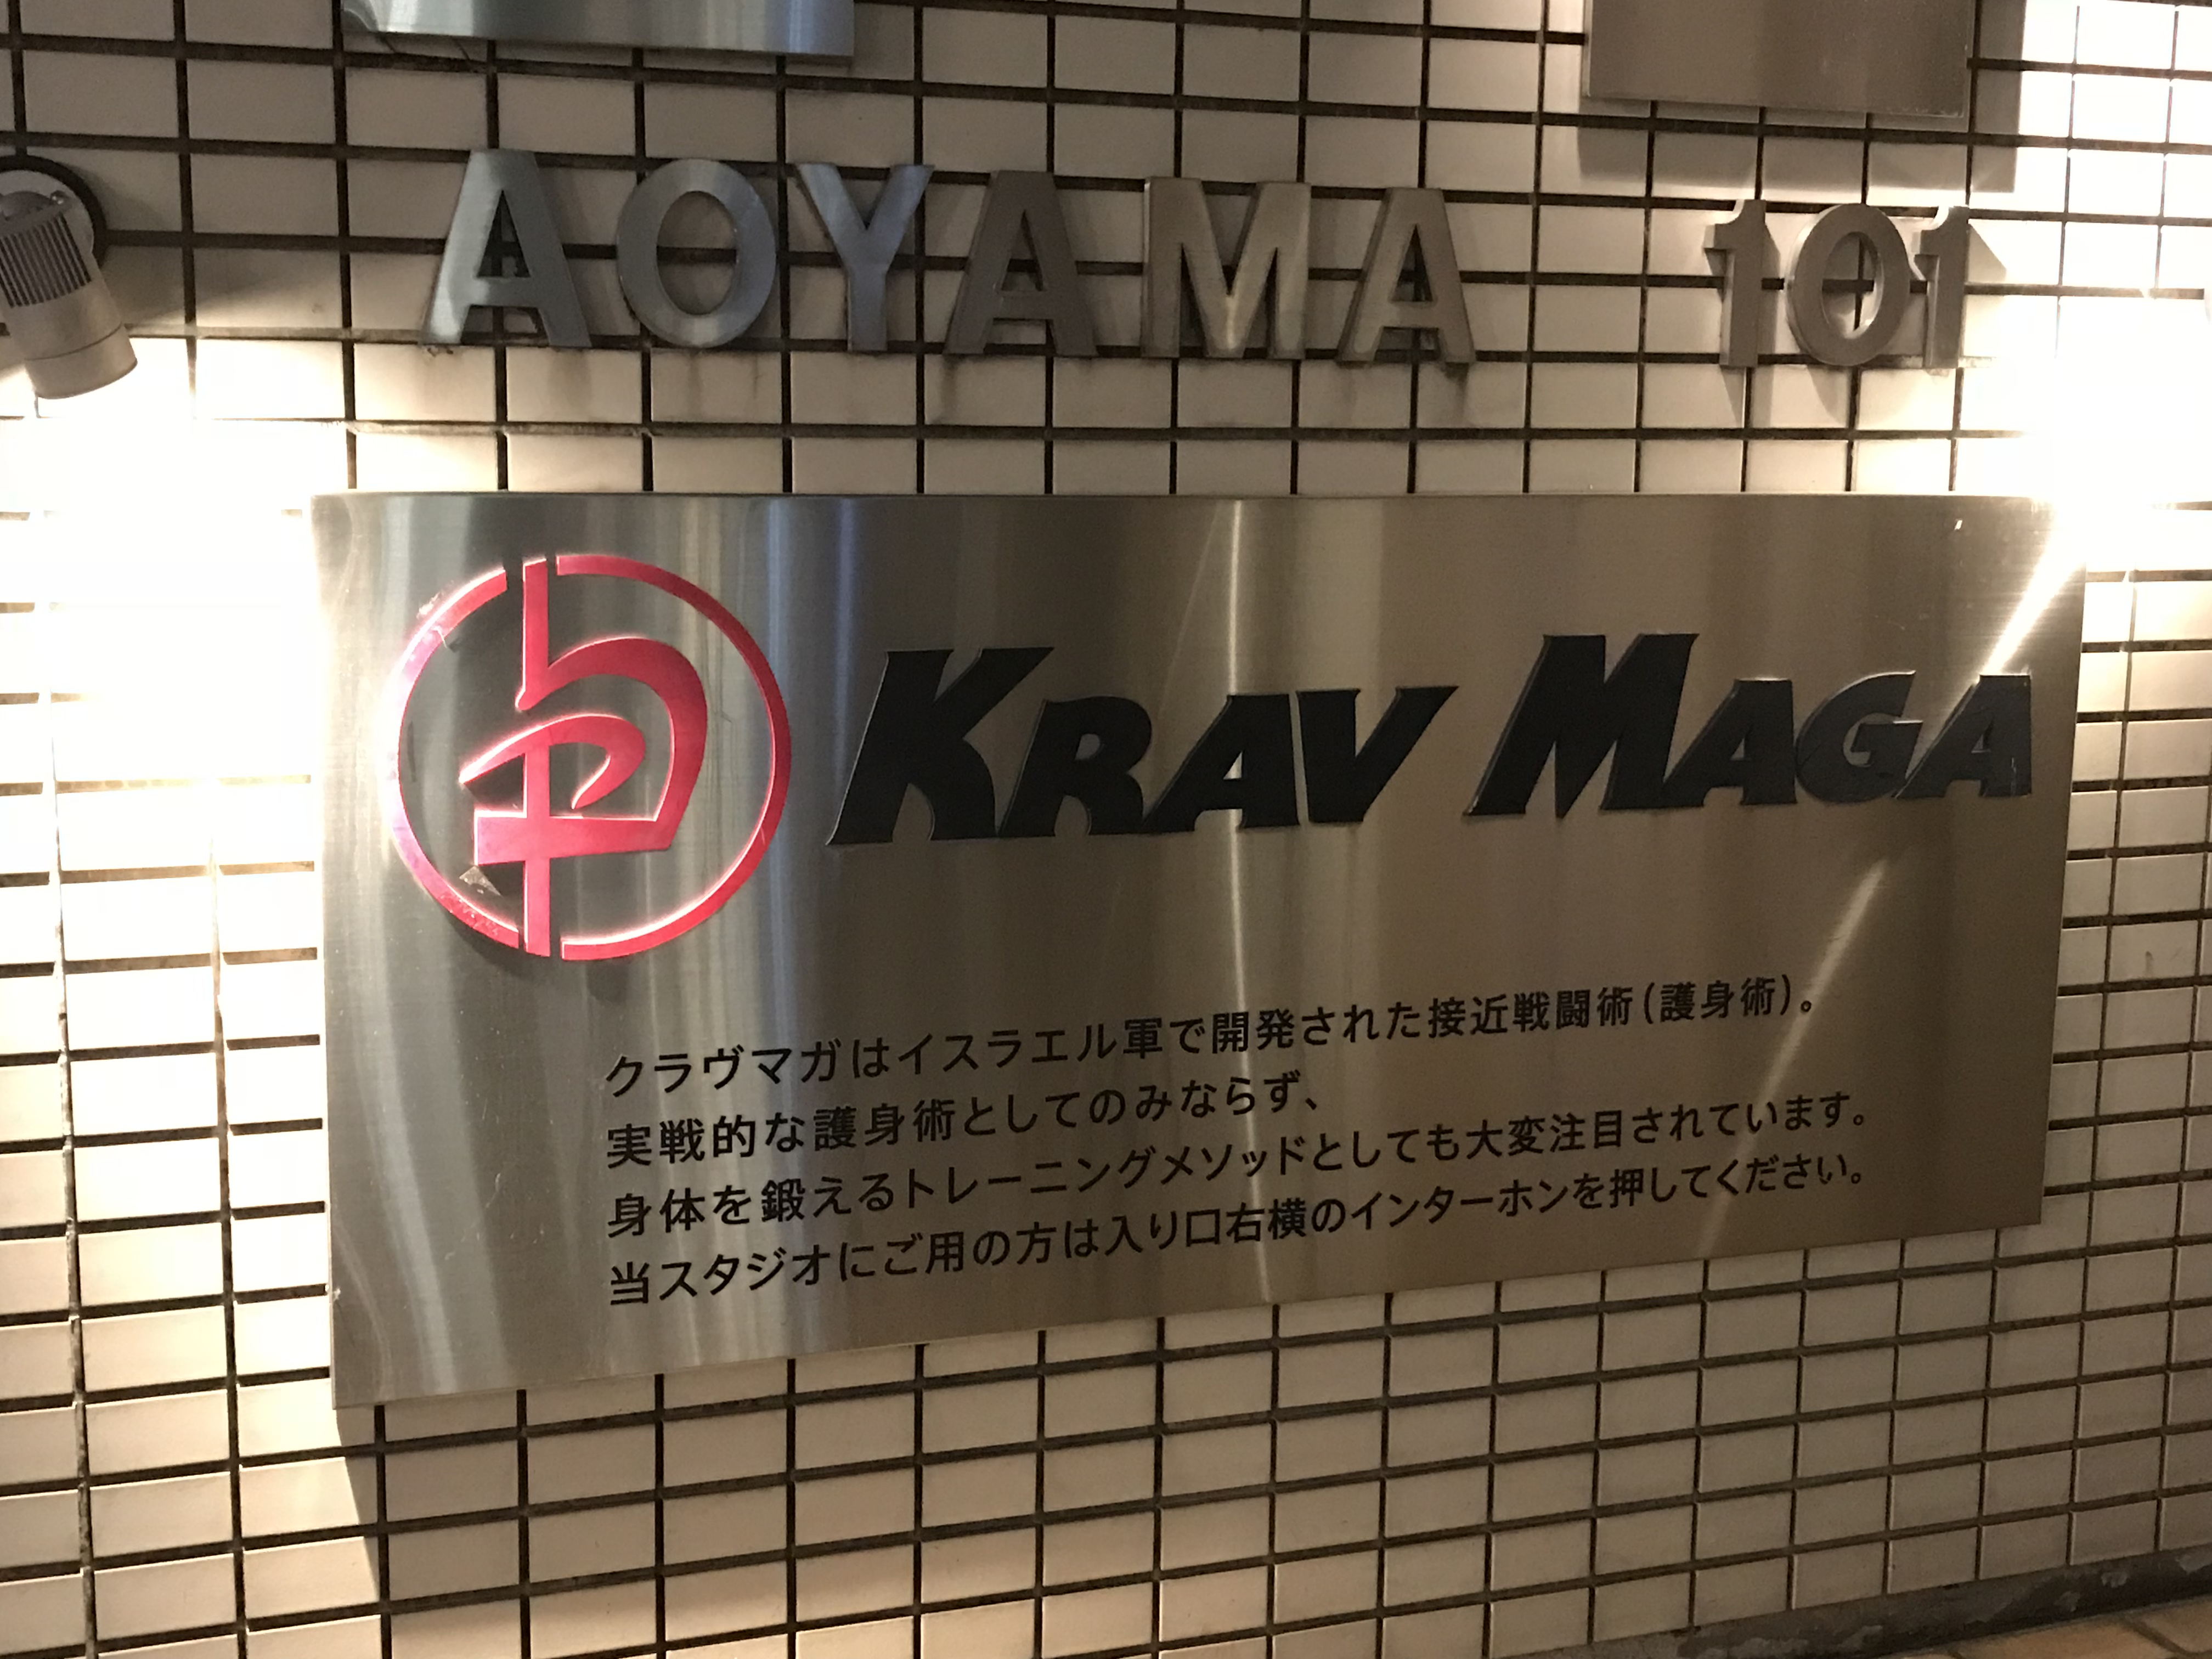 クラヴマガ・ジャパン 青山トレーニングセンターの写真18